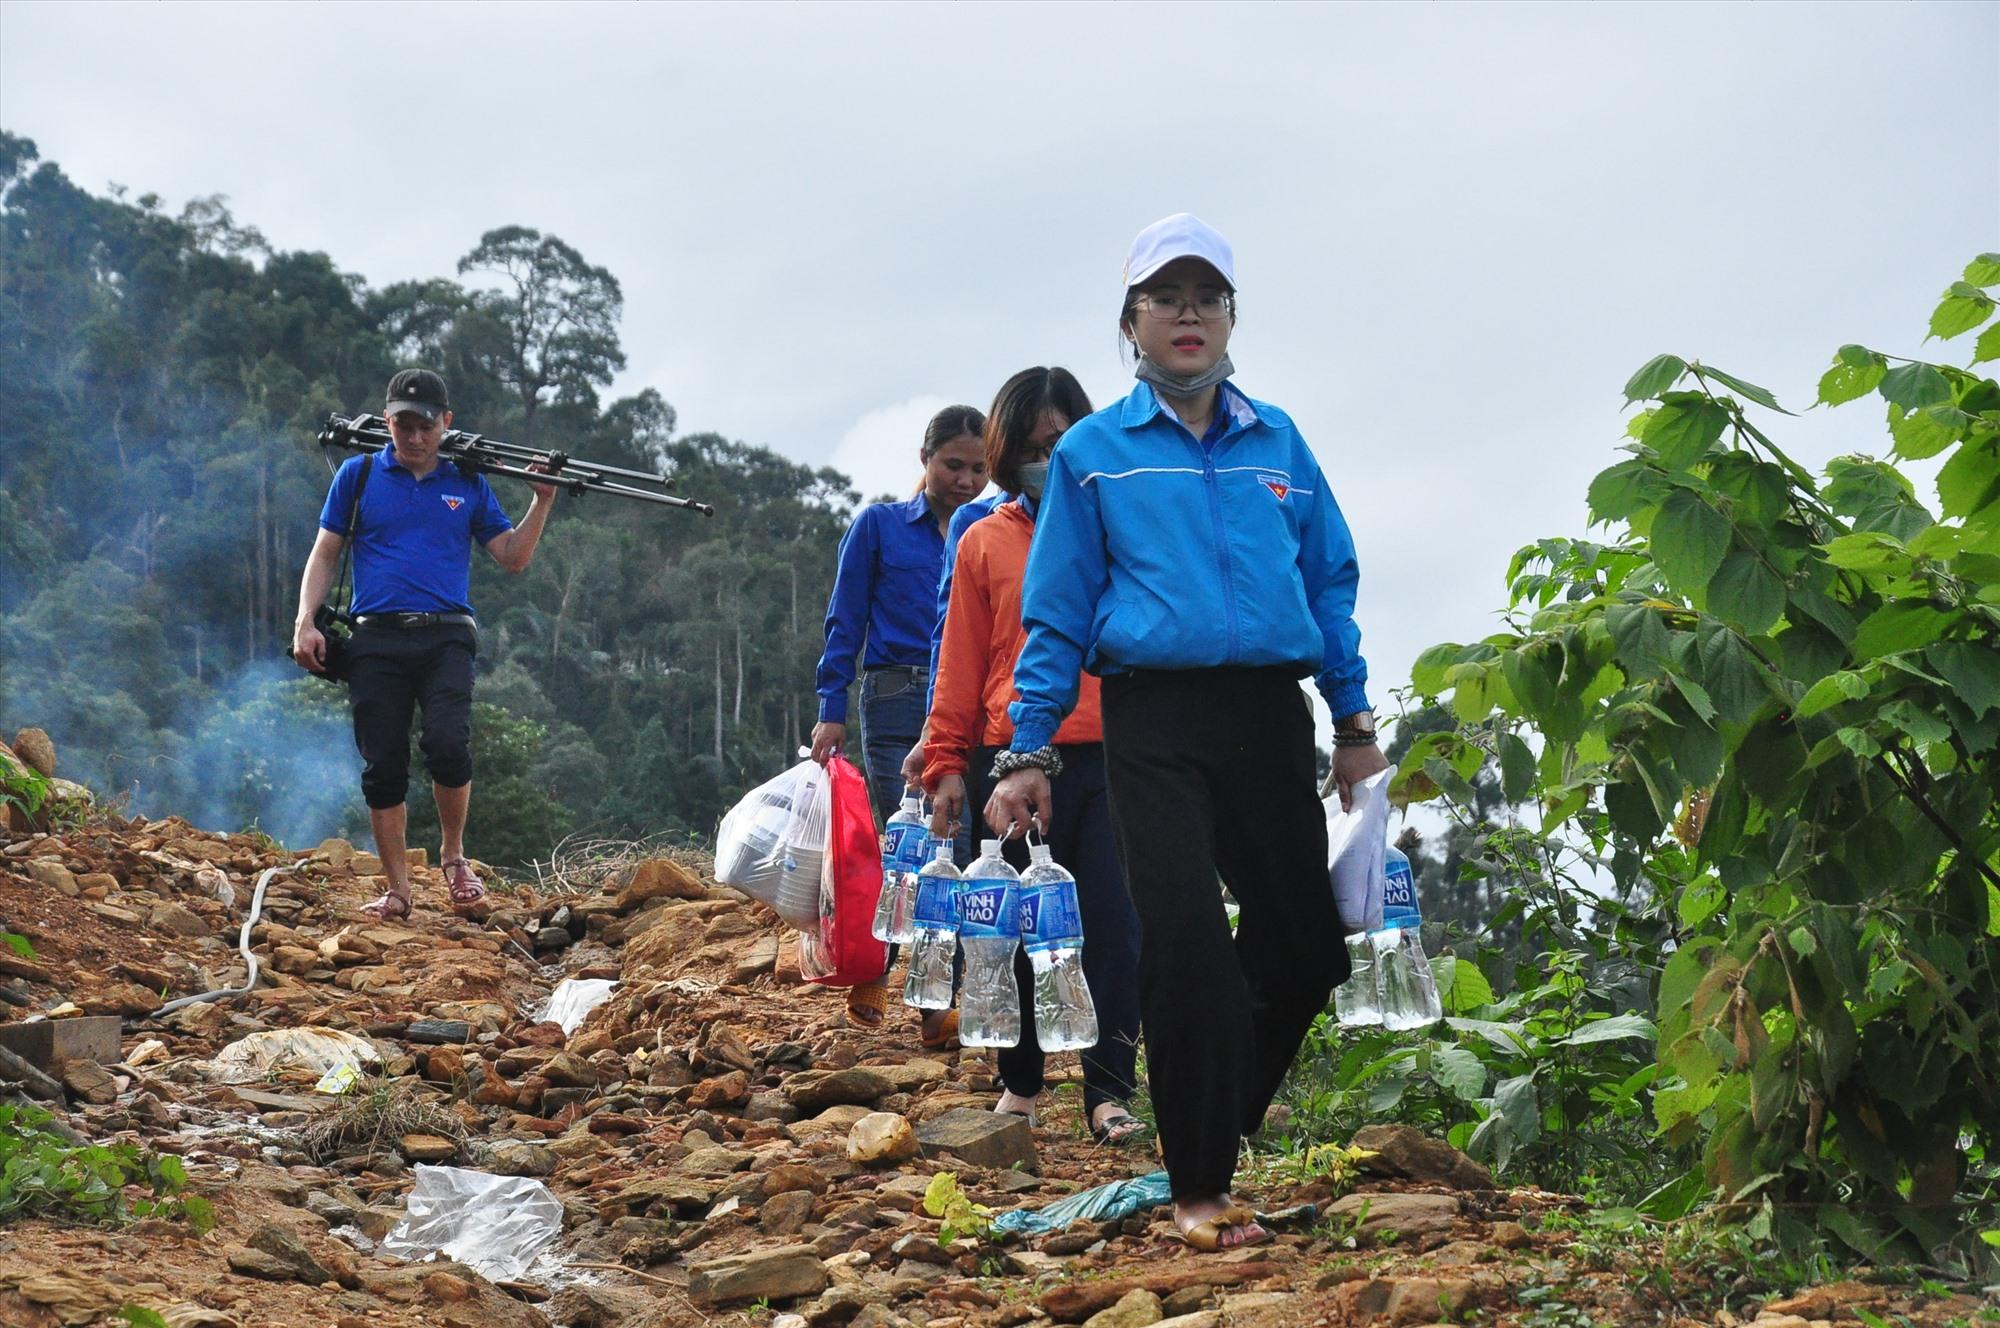 Sau một buồi chiều đầy cố gắng, đoàn tình nguyện đã hoàn thành khối lượng công việc sửa chữa nhà cho các hộ dân làng Tắk Rối để ra về. Ảnh: VINH ANH